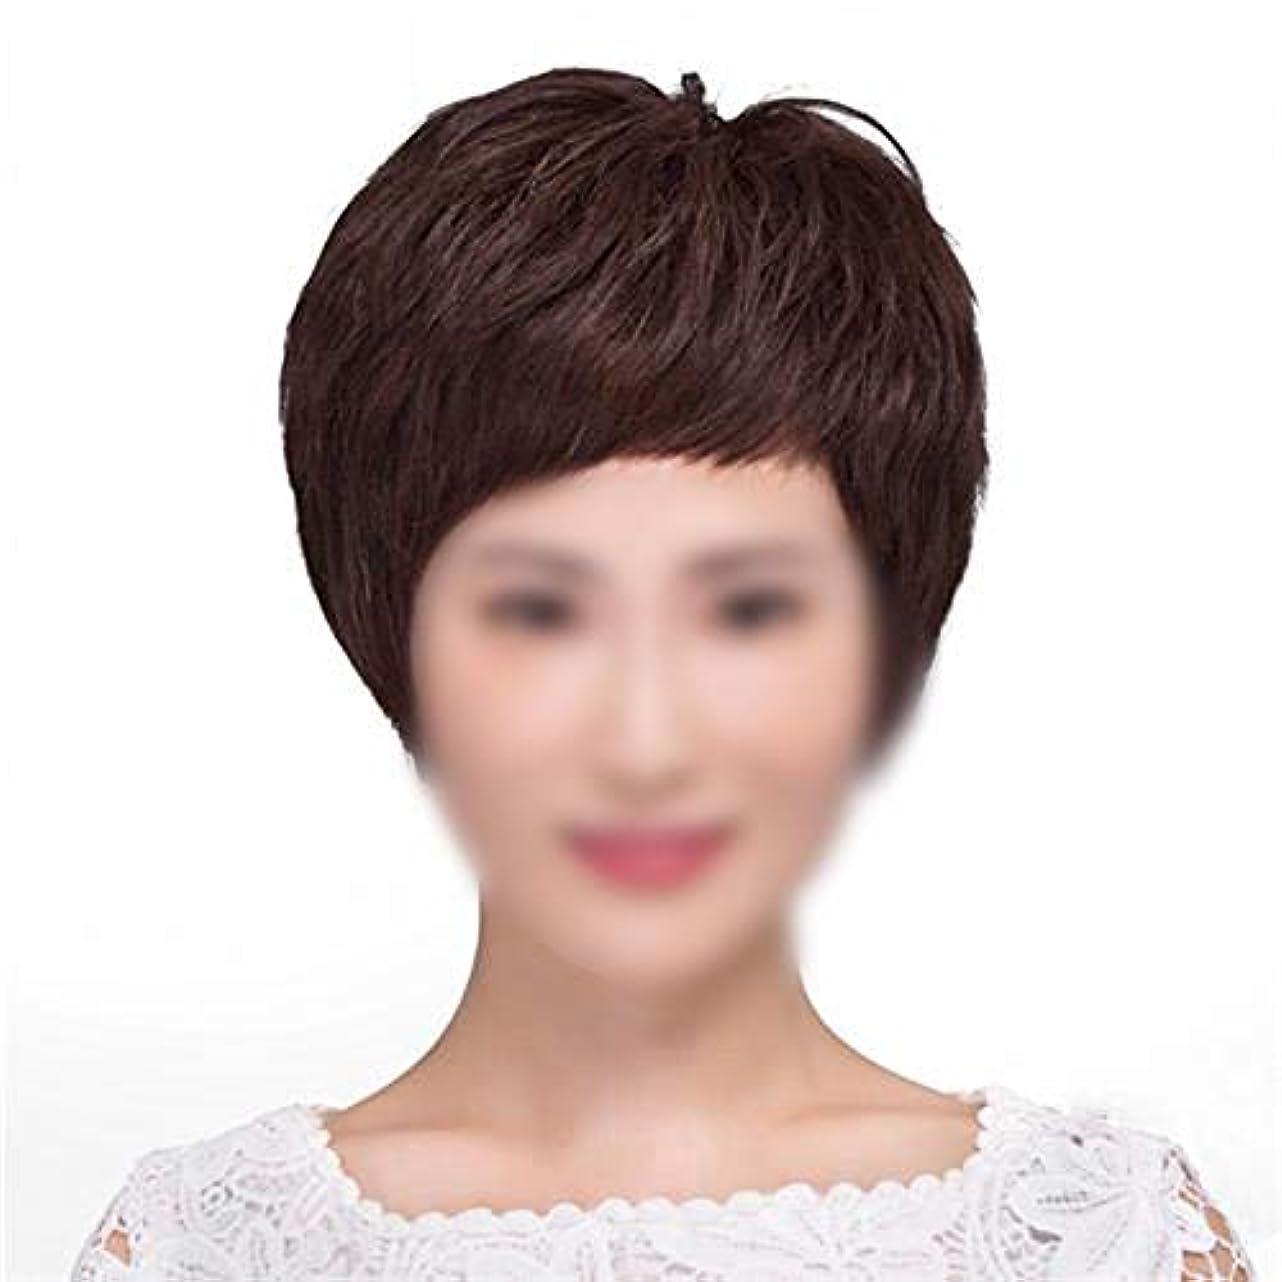 農場ロンドン誇りに思うYOUQIU 女性のパーティードレス毎日ウィッグ用ハンドニードルレアル髪ショートストレート髪ふわふわナチュラルウィッグ (色 : Natural black)